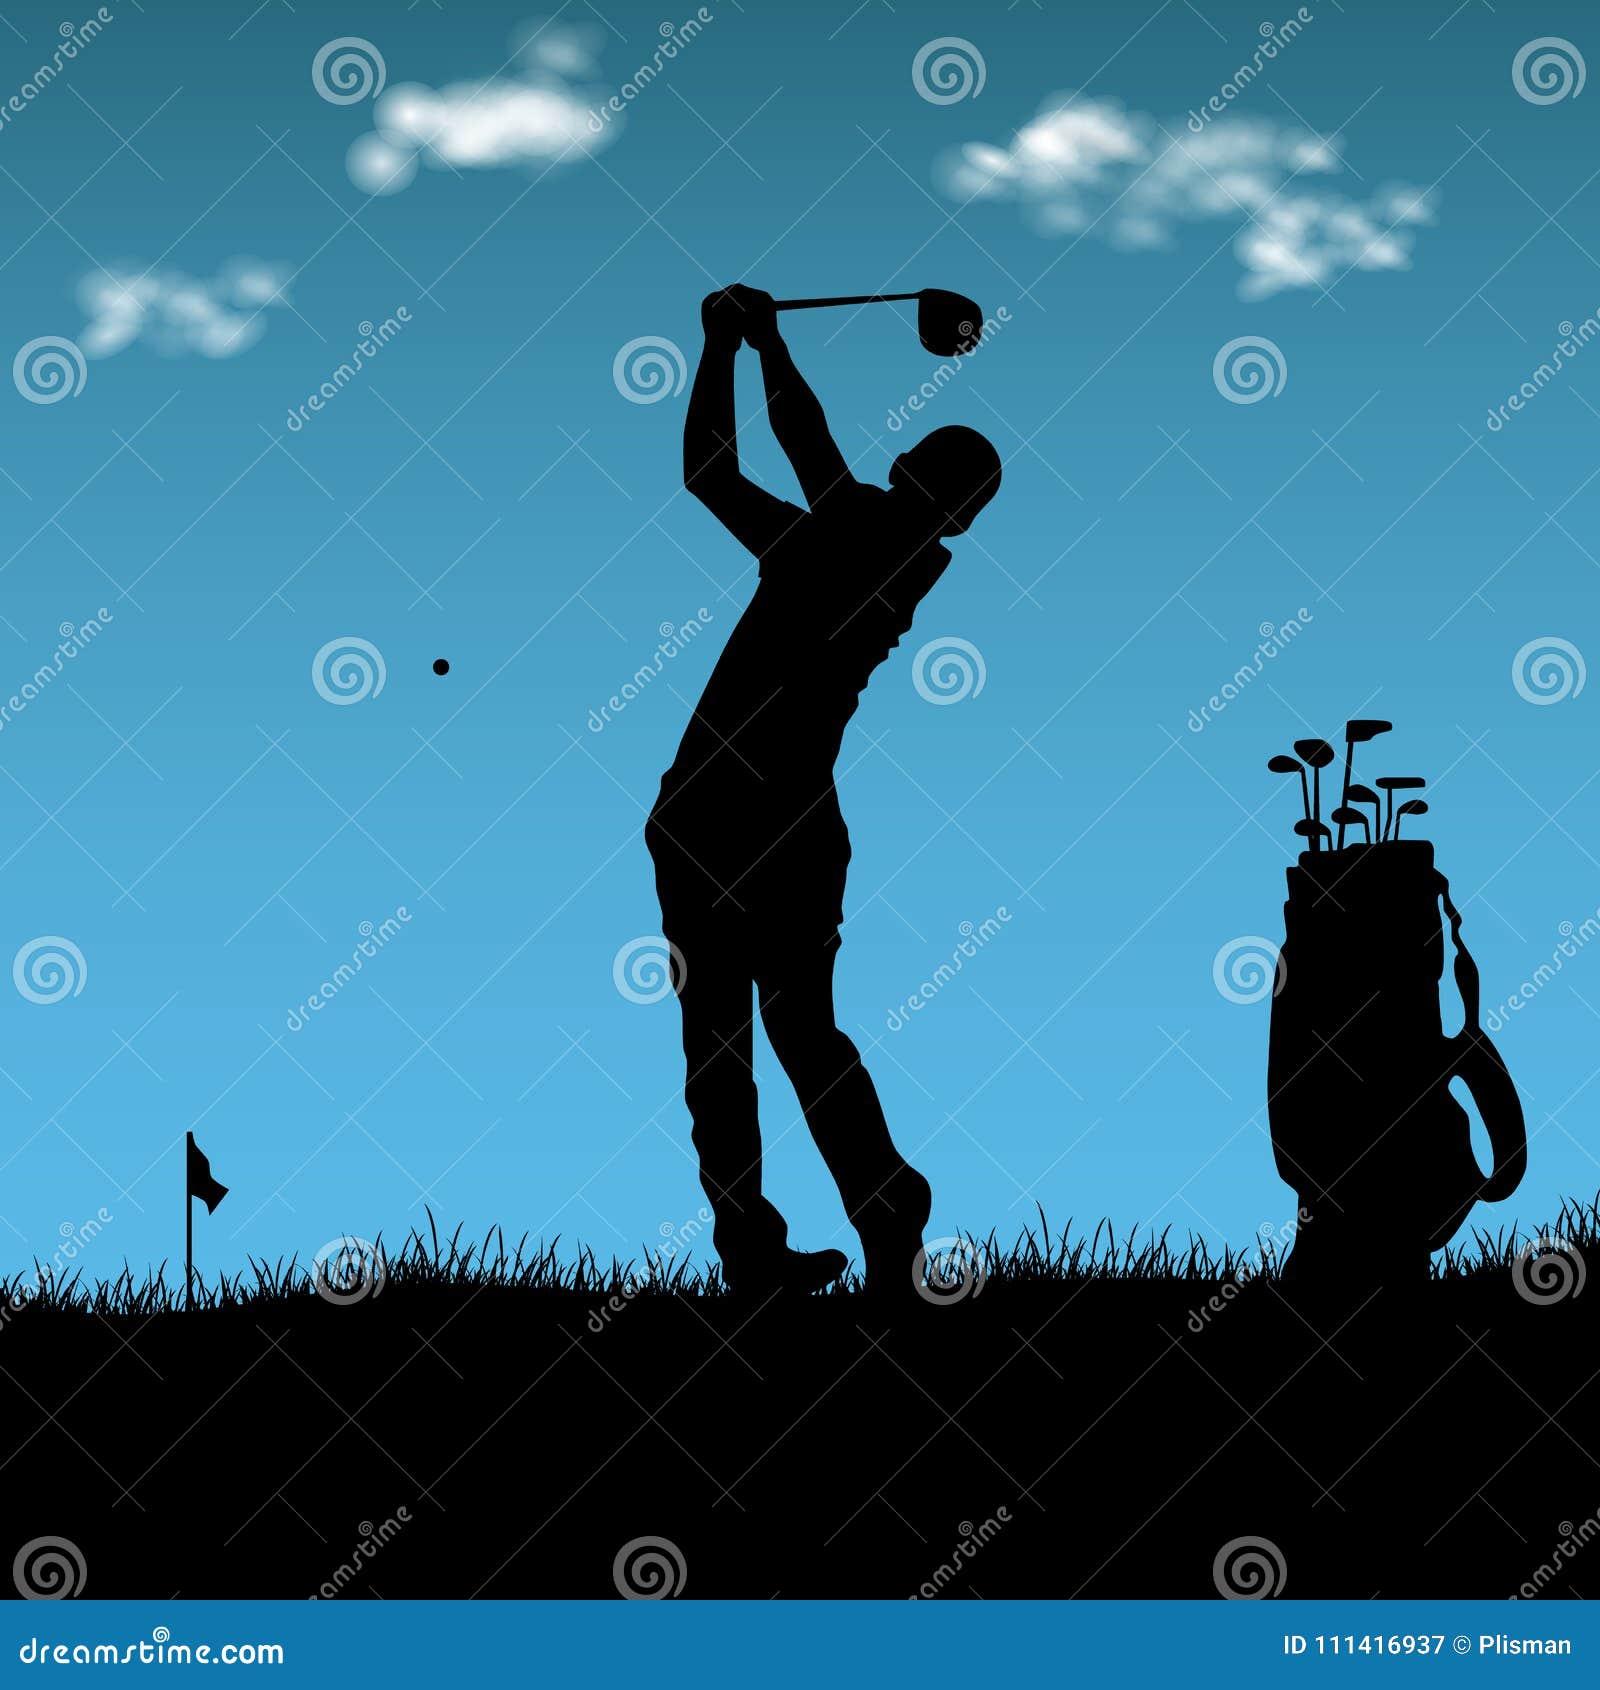 Silhouet van golfspeler met zak op speelplaats